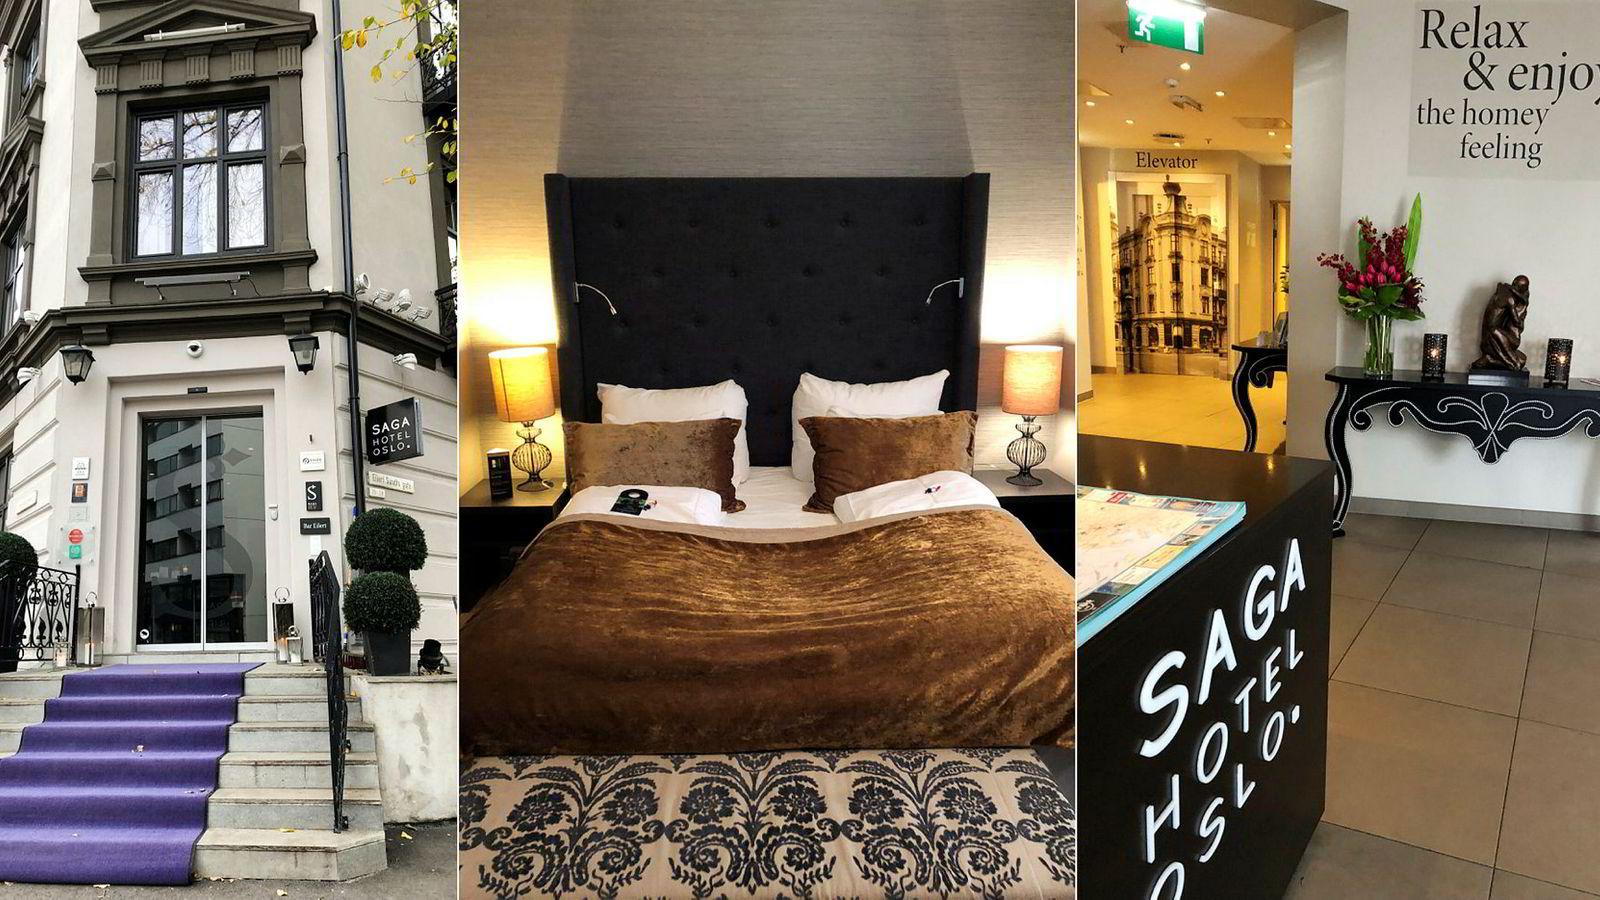 Saga Hotel ber gjestene føle seg som hjemme. Det er ikke vanskelig å følge oppfordringen, mener DNs tester.